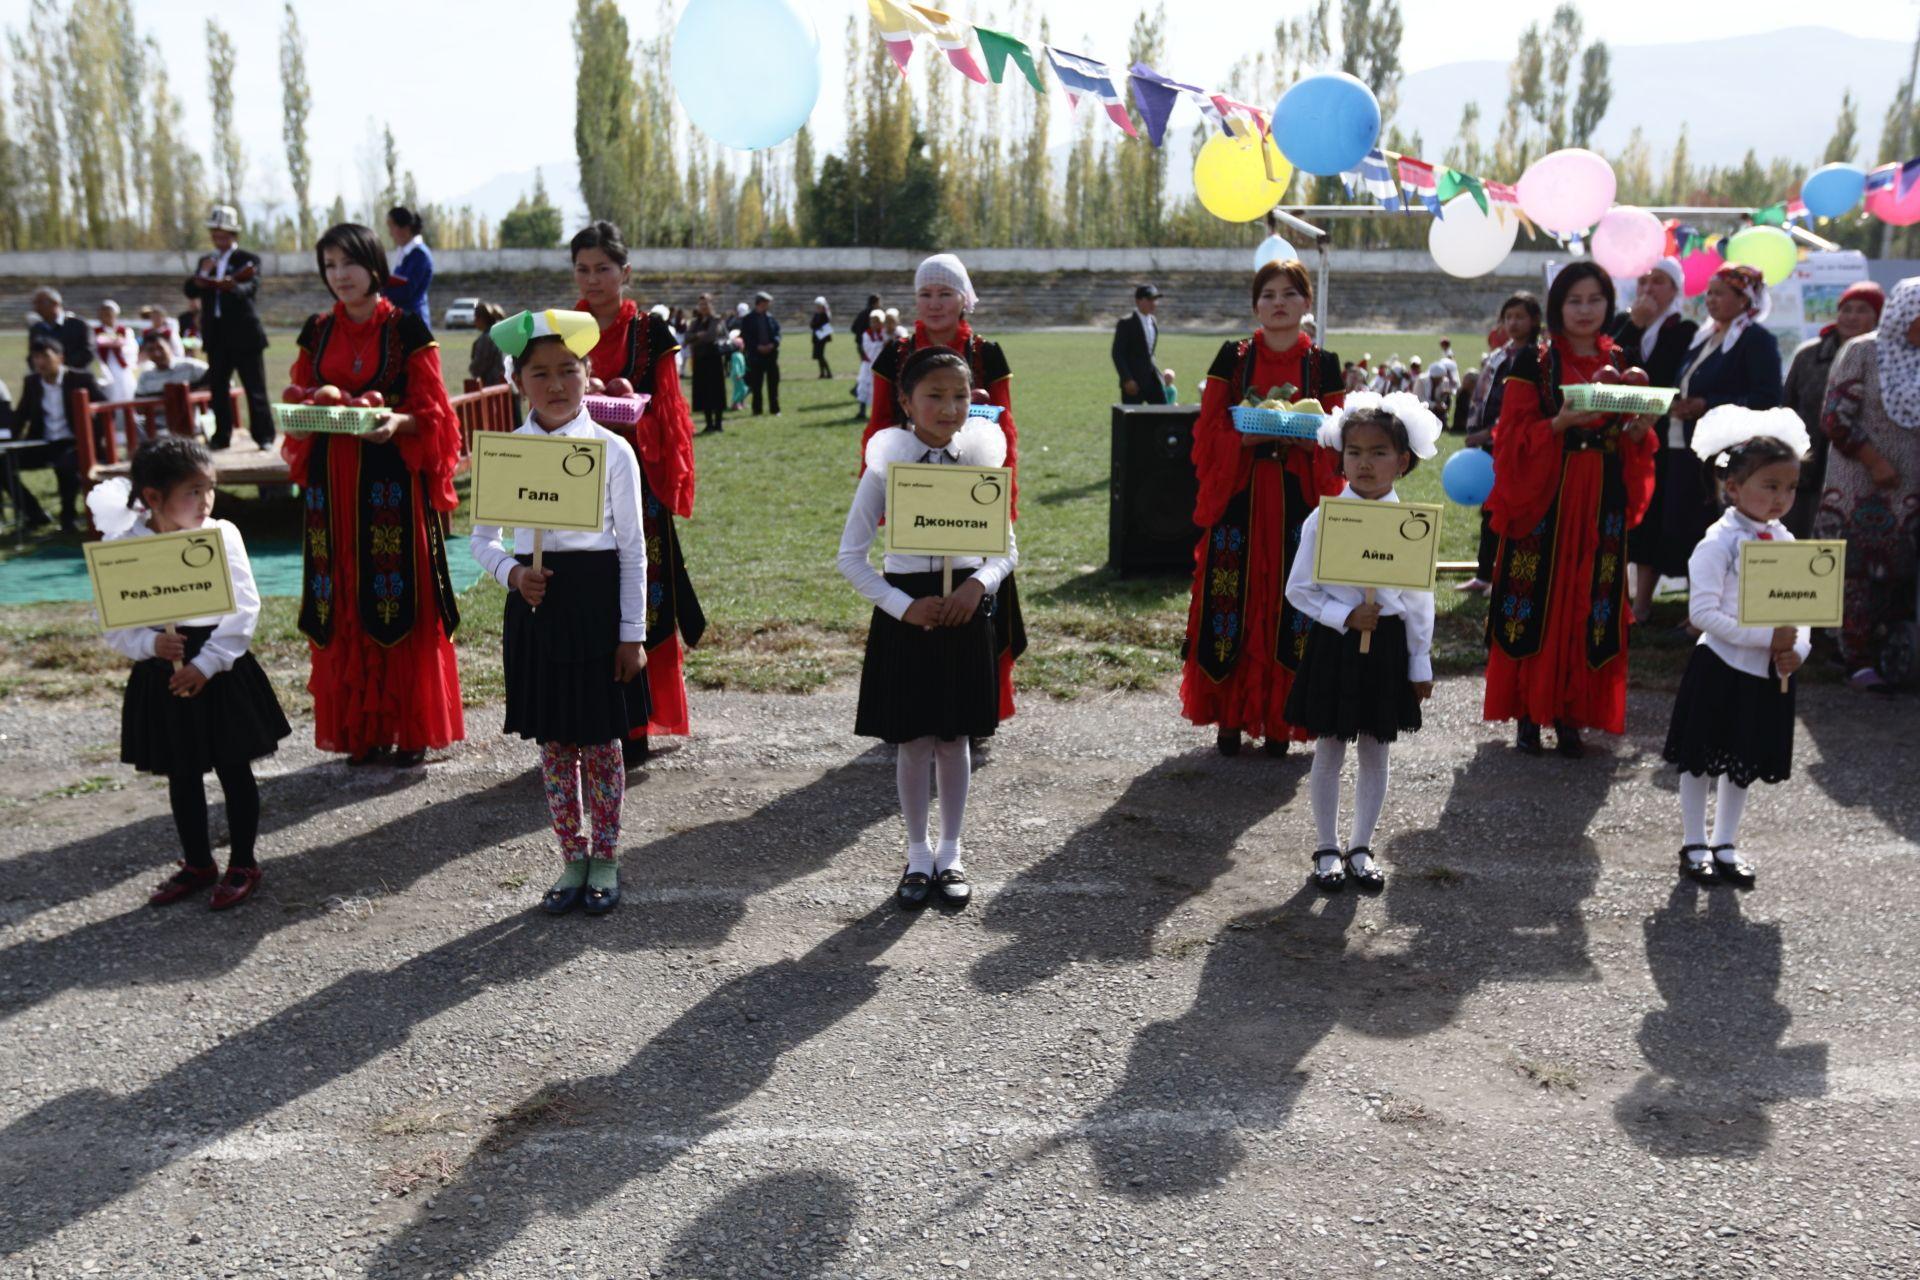 Ноокатские дети представили зрителям фестиваля разные сорта яблок. Всего здесь можно было найти более 20-ти их сортов.